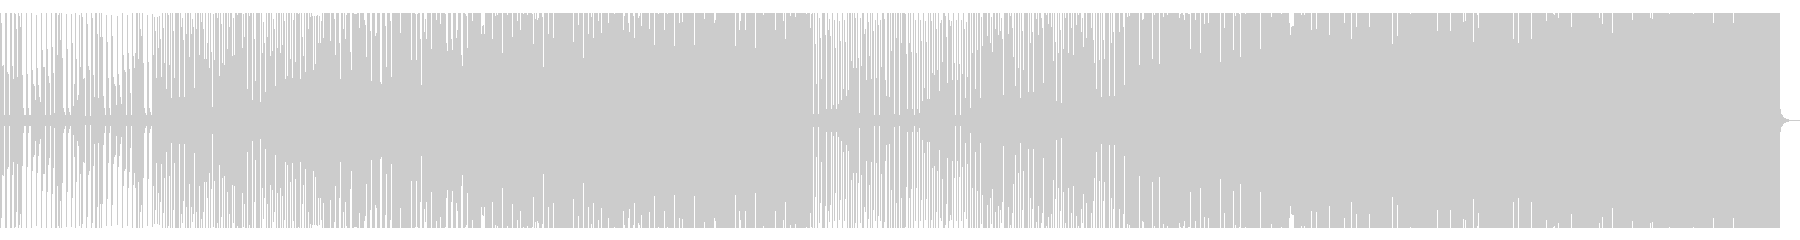 疾走感 / 駆け抜けるハウス_No374の未再生の波形